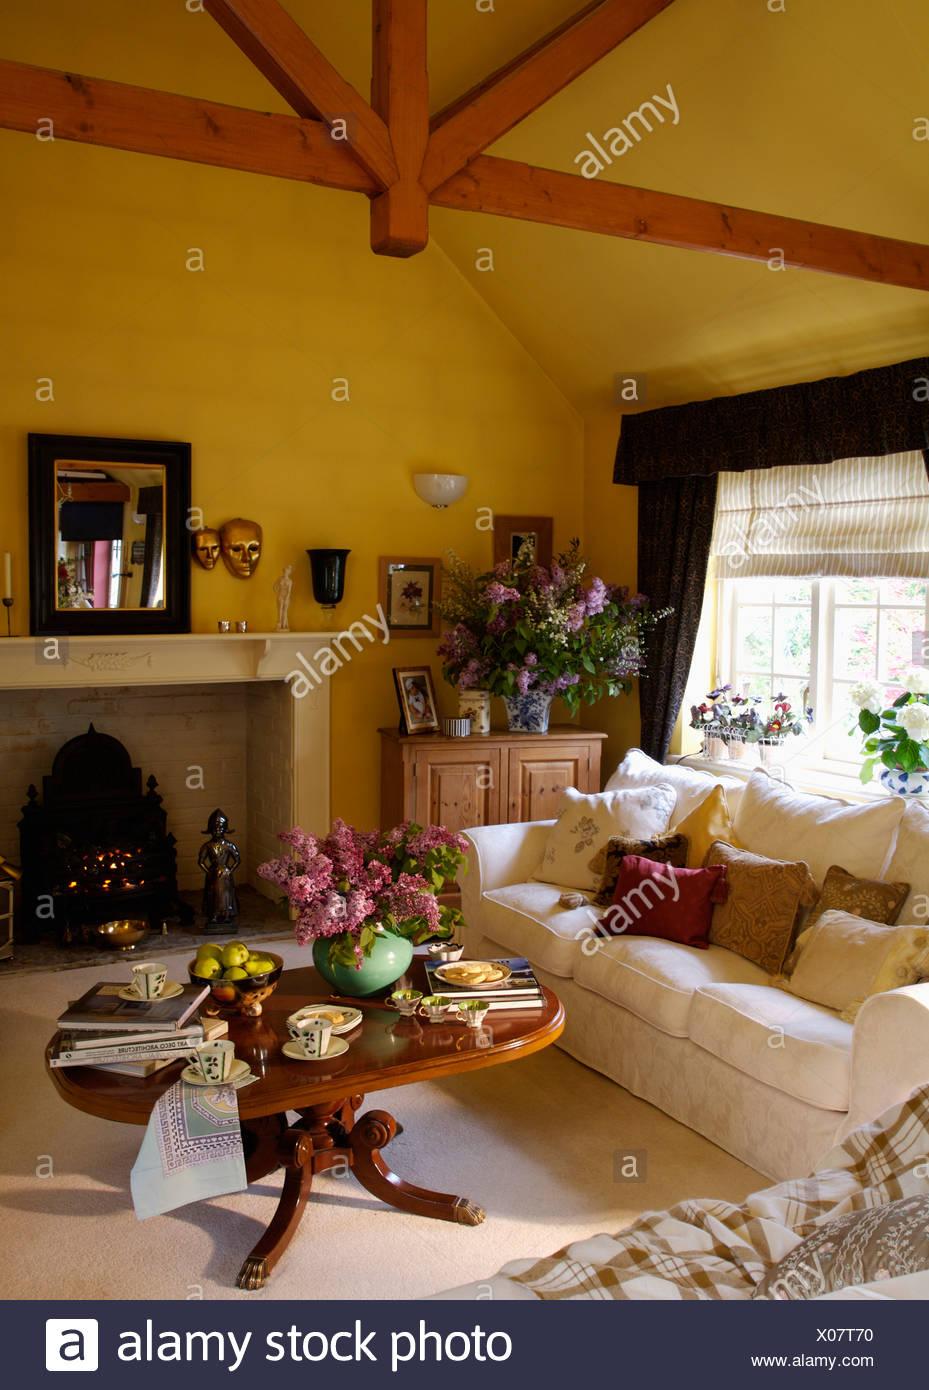 Weißes Sofa Und Niedrige Runde Couchtisch In Gelb Wohnzimmer